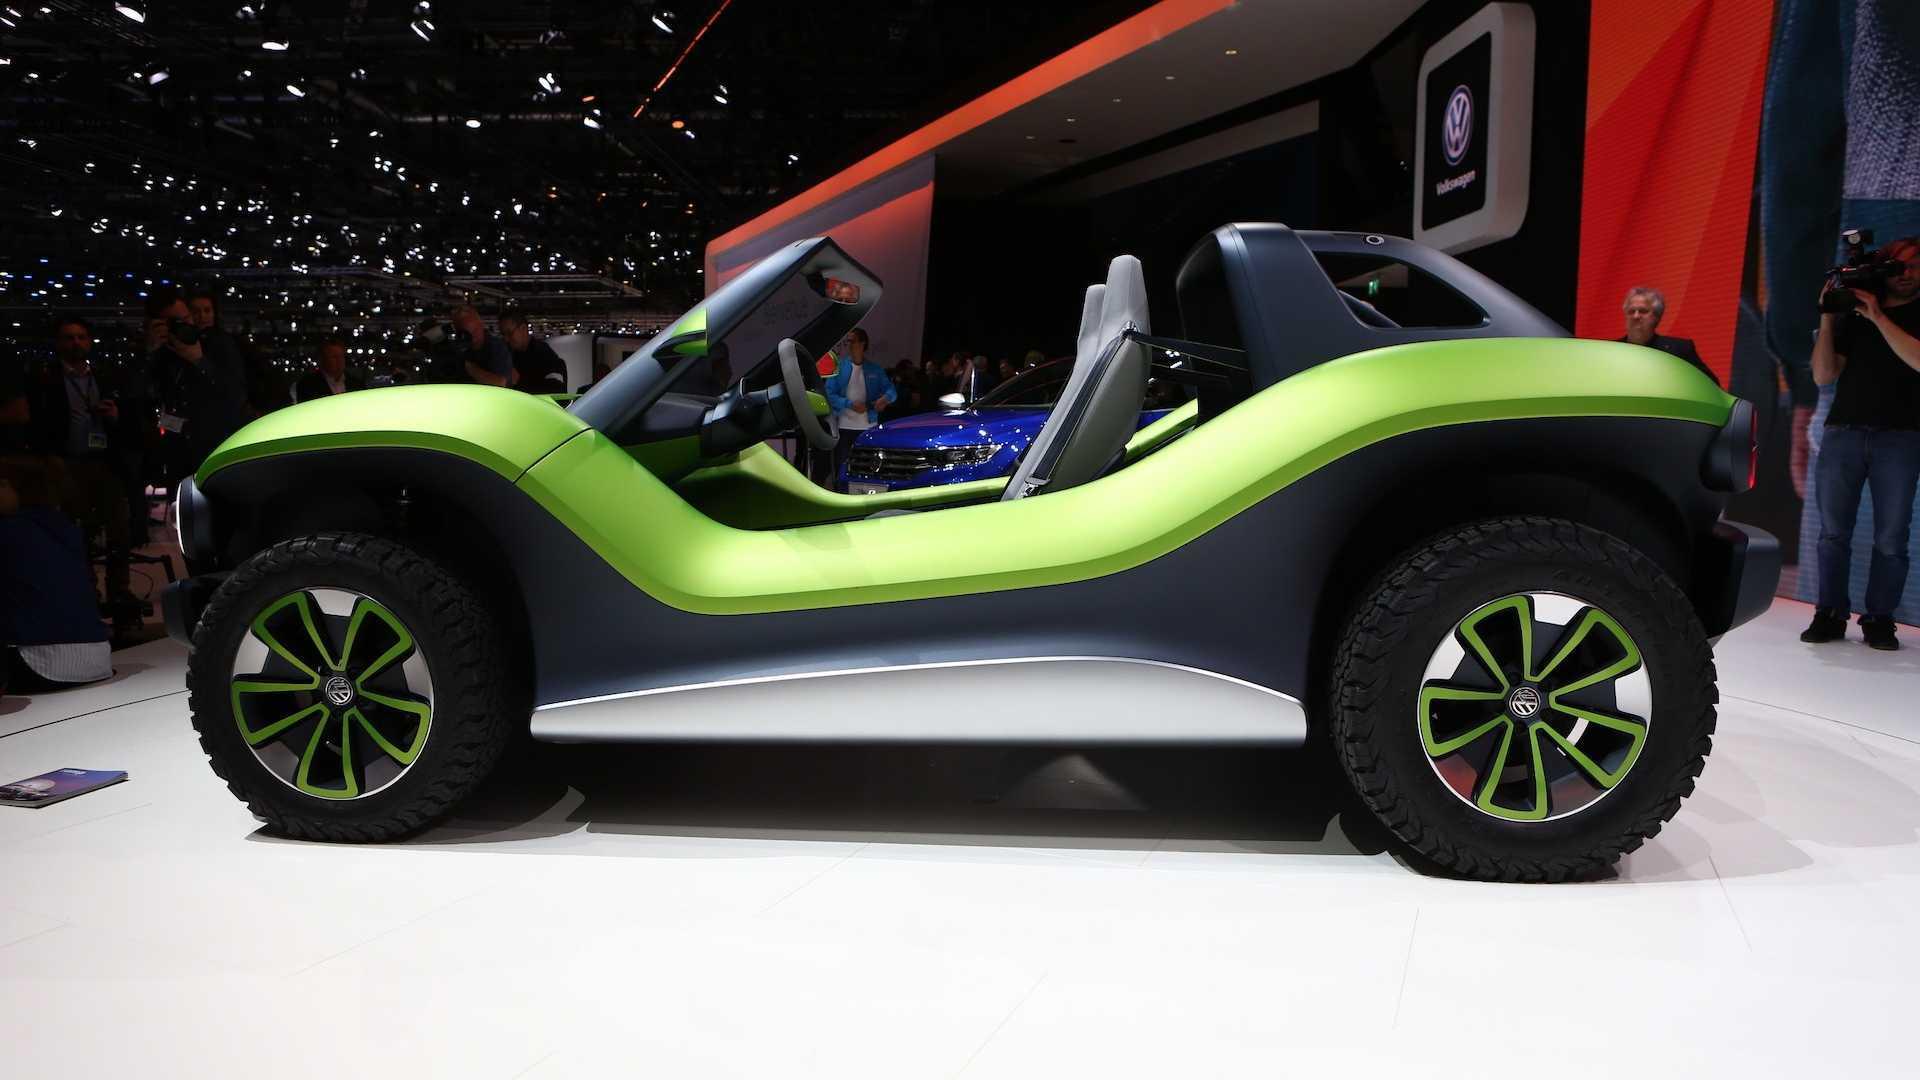 VW revela o novo I.D. Buggy elétrico com 204 cv de potência